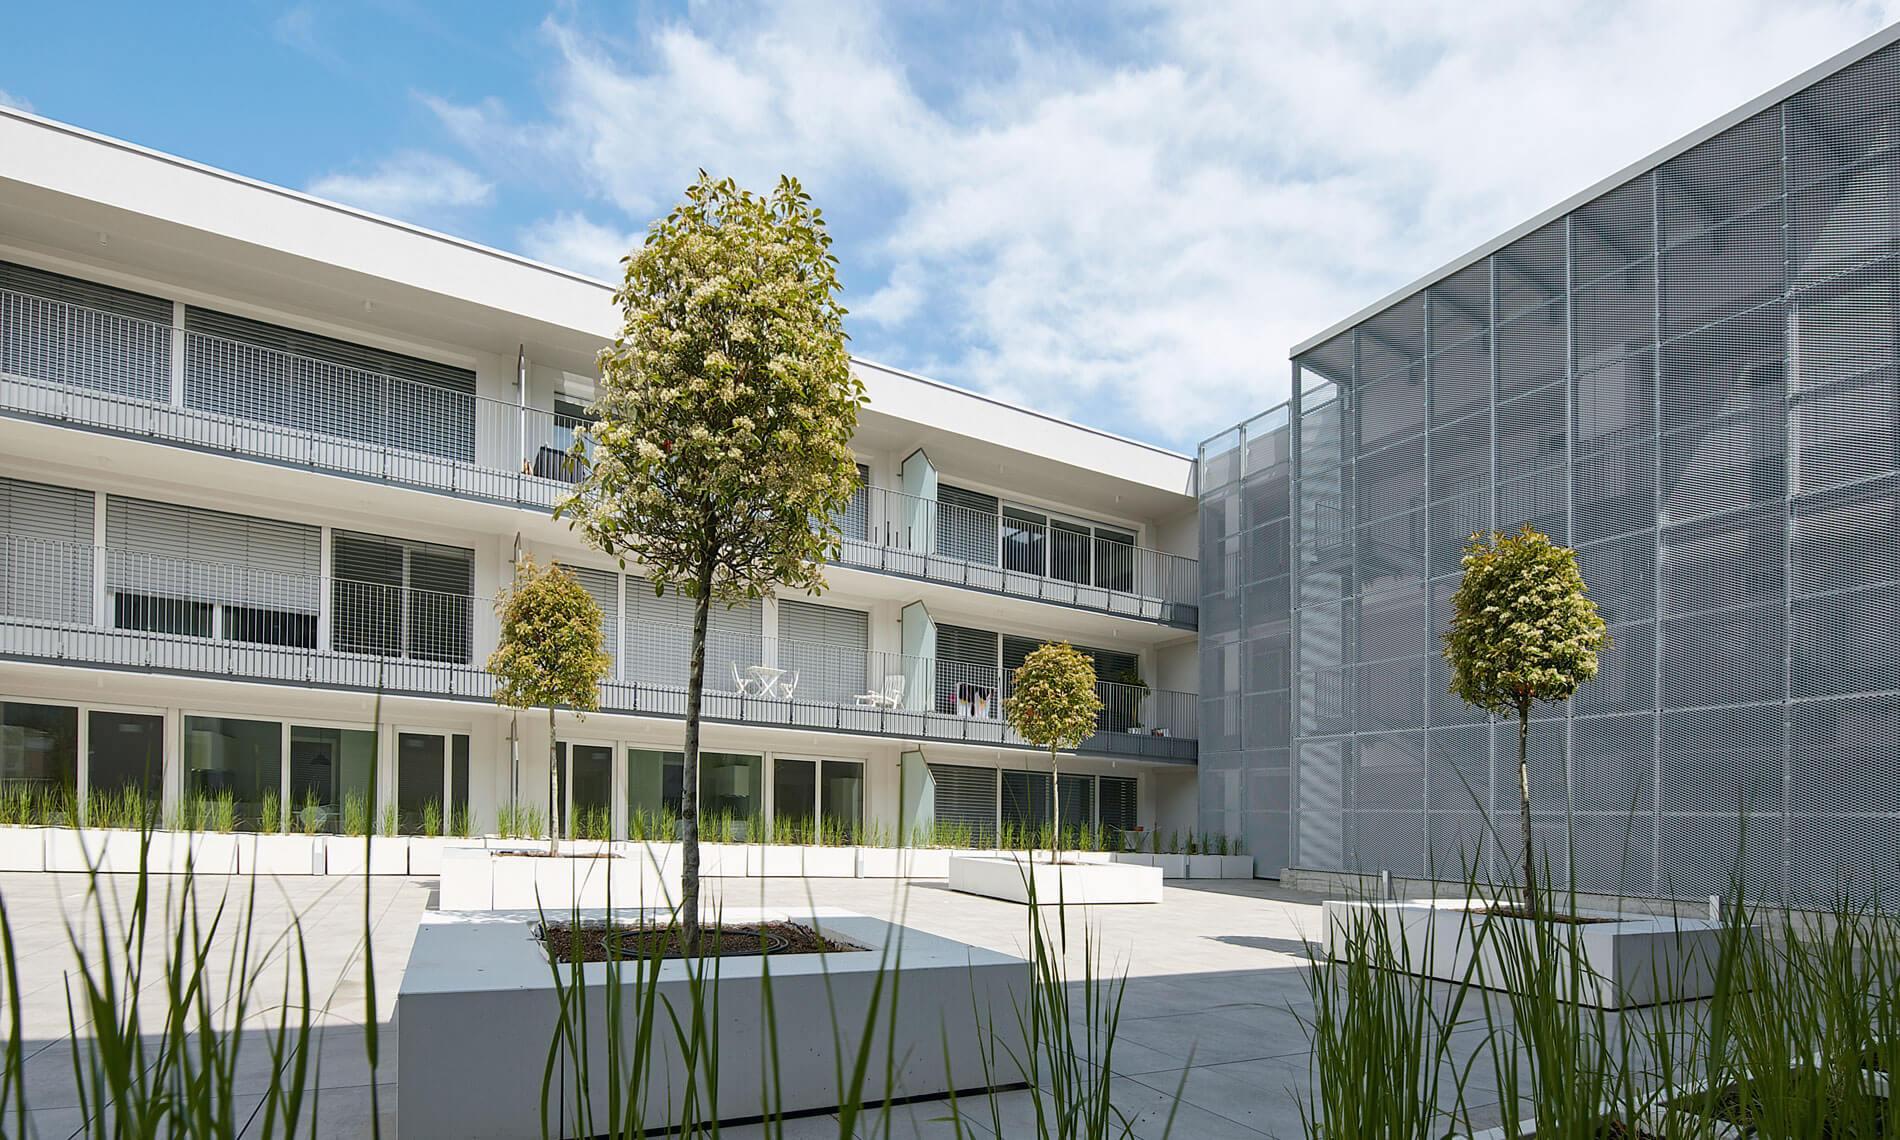 Wohnung mit Stil - LivingSmart Trento macht es mögich